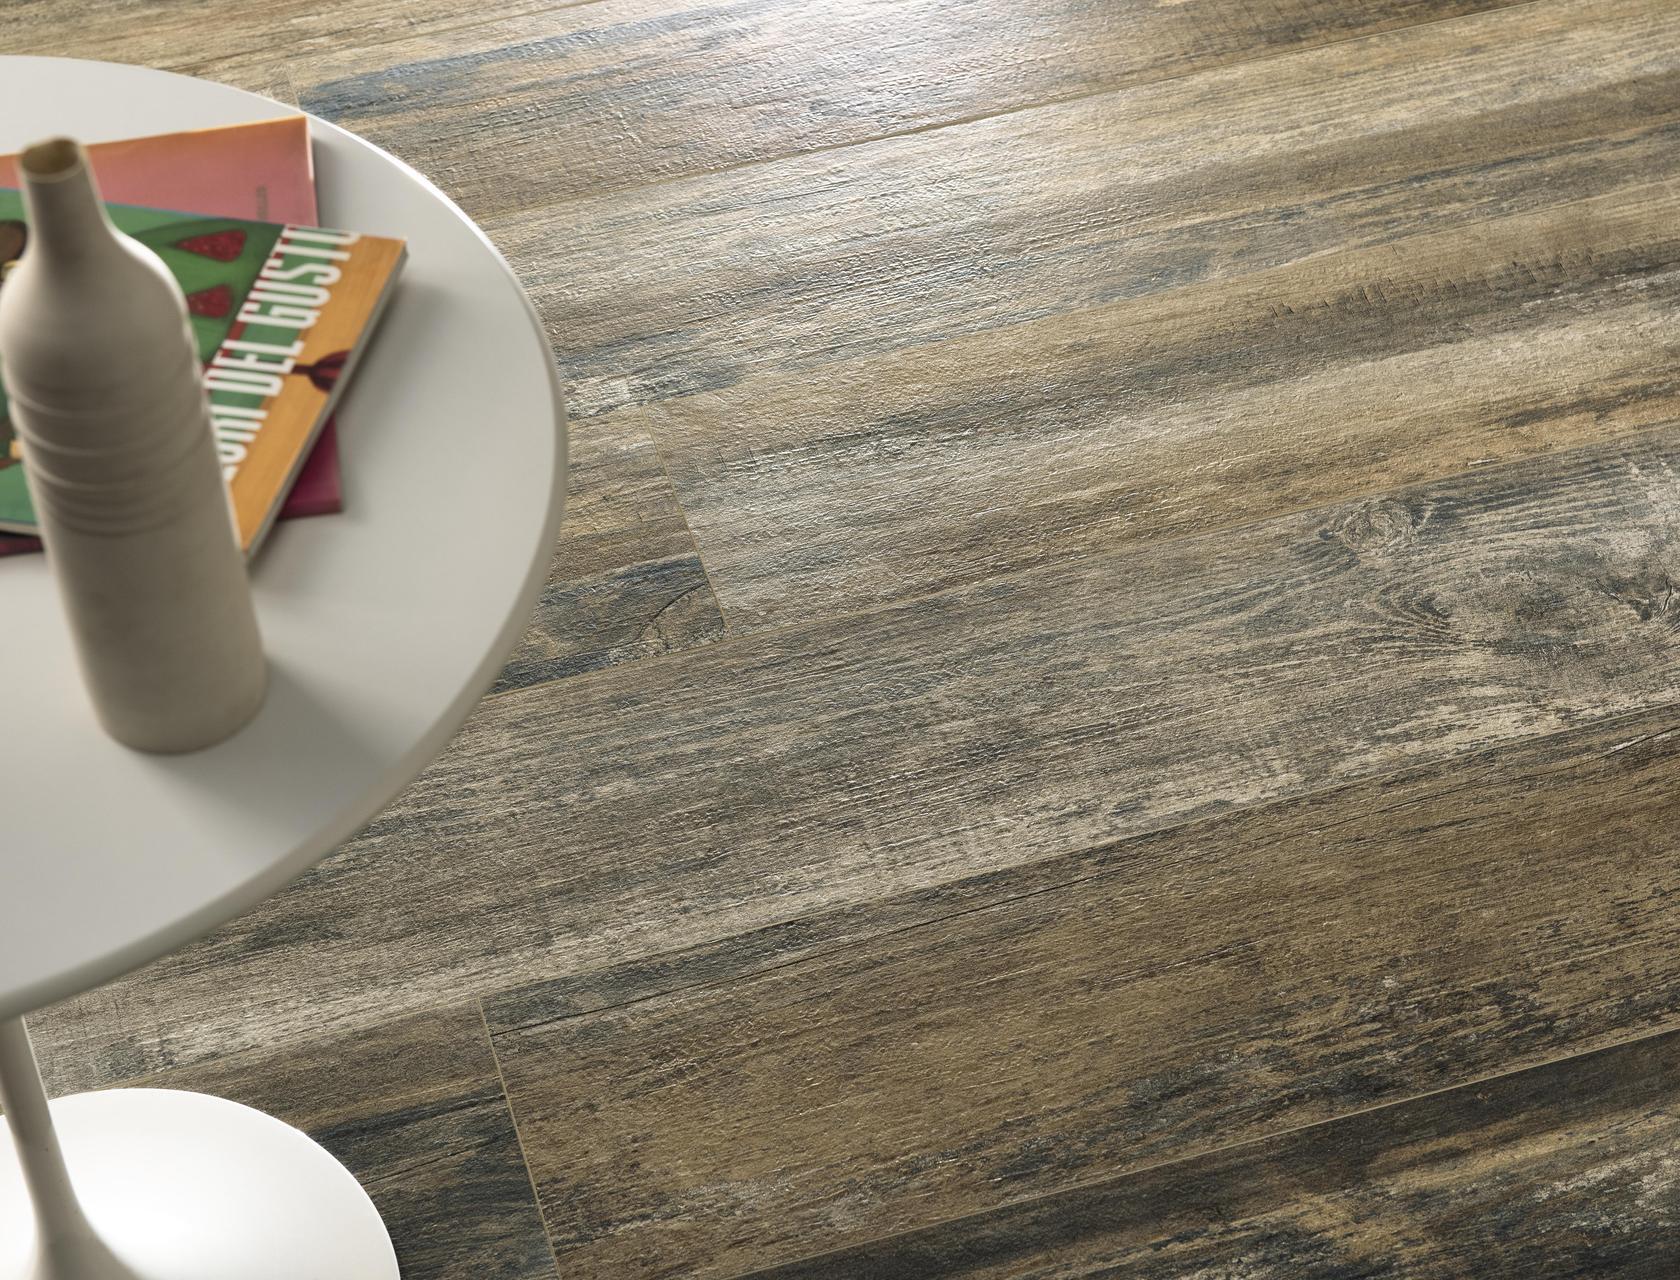 Schemi di posa piastrelle per pavimenti e rivestimenti in gres